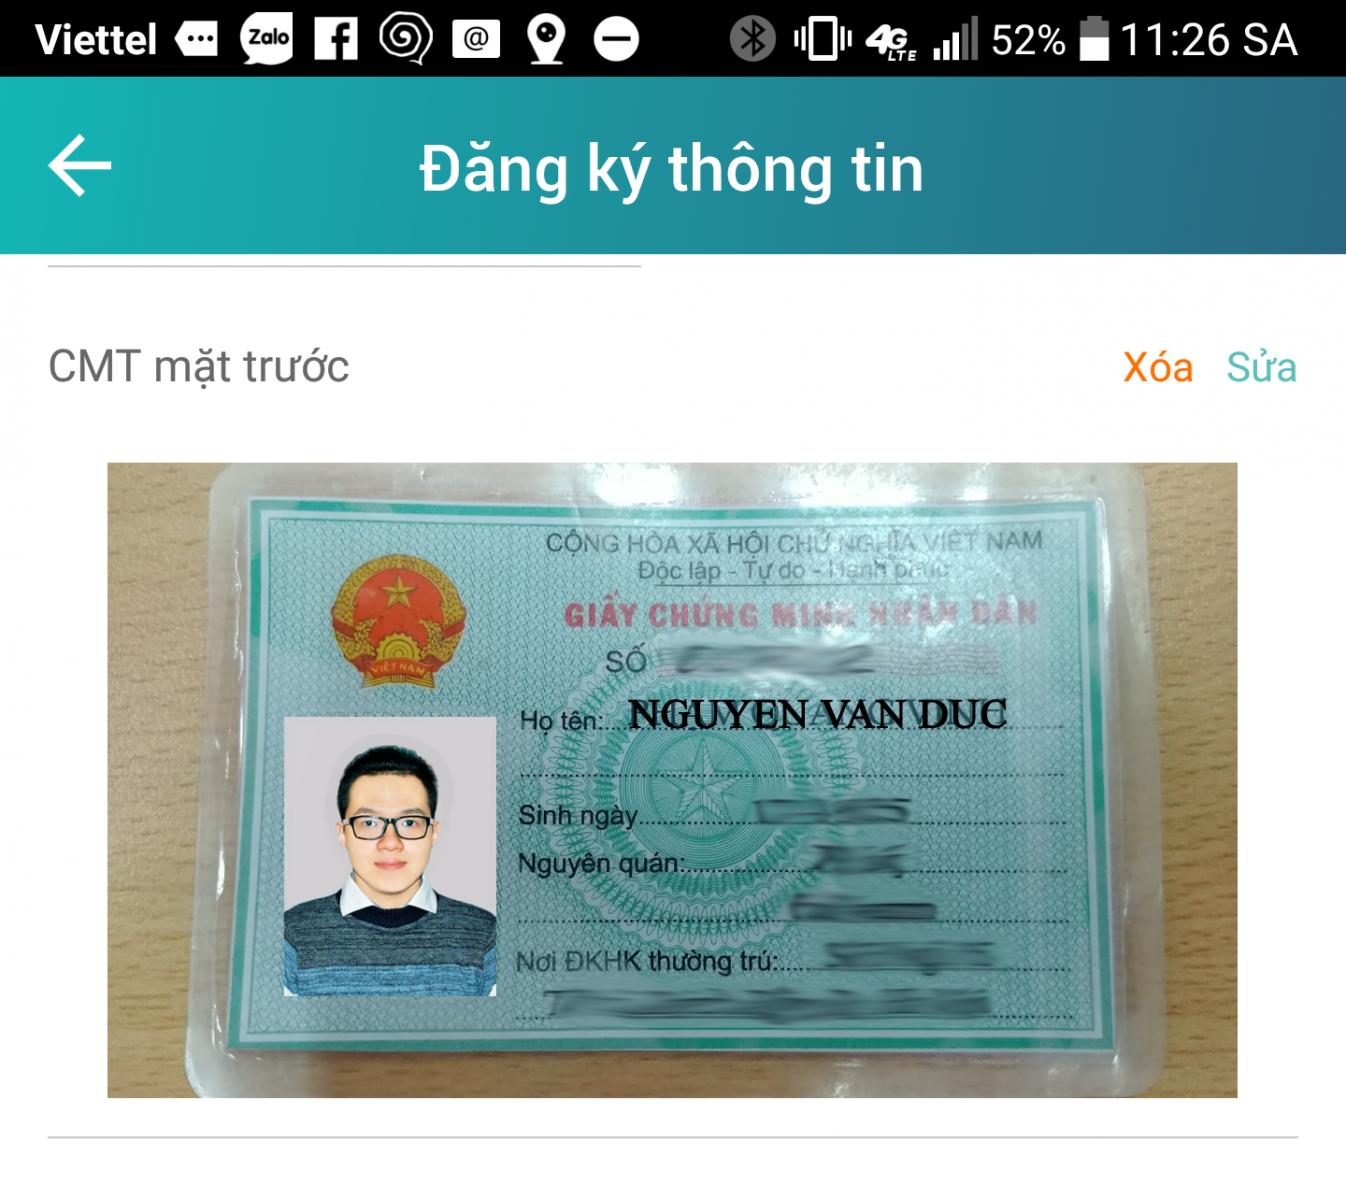 [ Hướng dẫn] – Cách đăng ký gói cước 3F90 Viettel